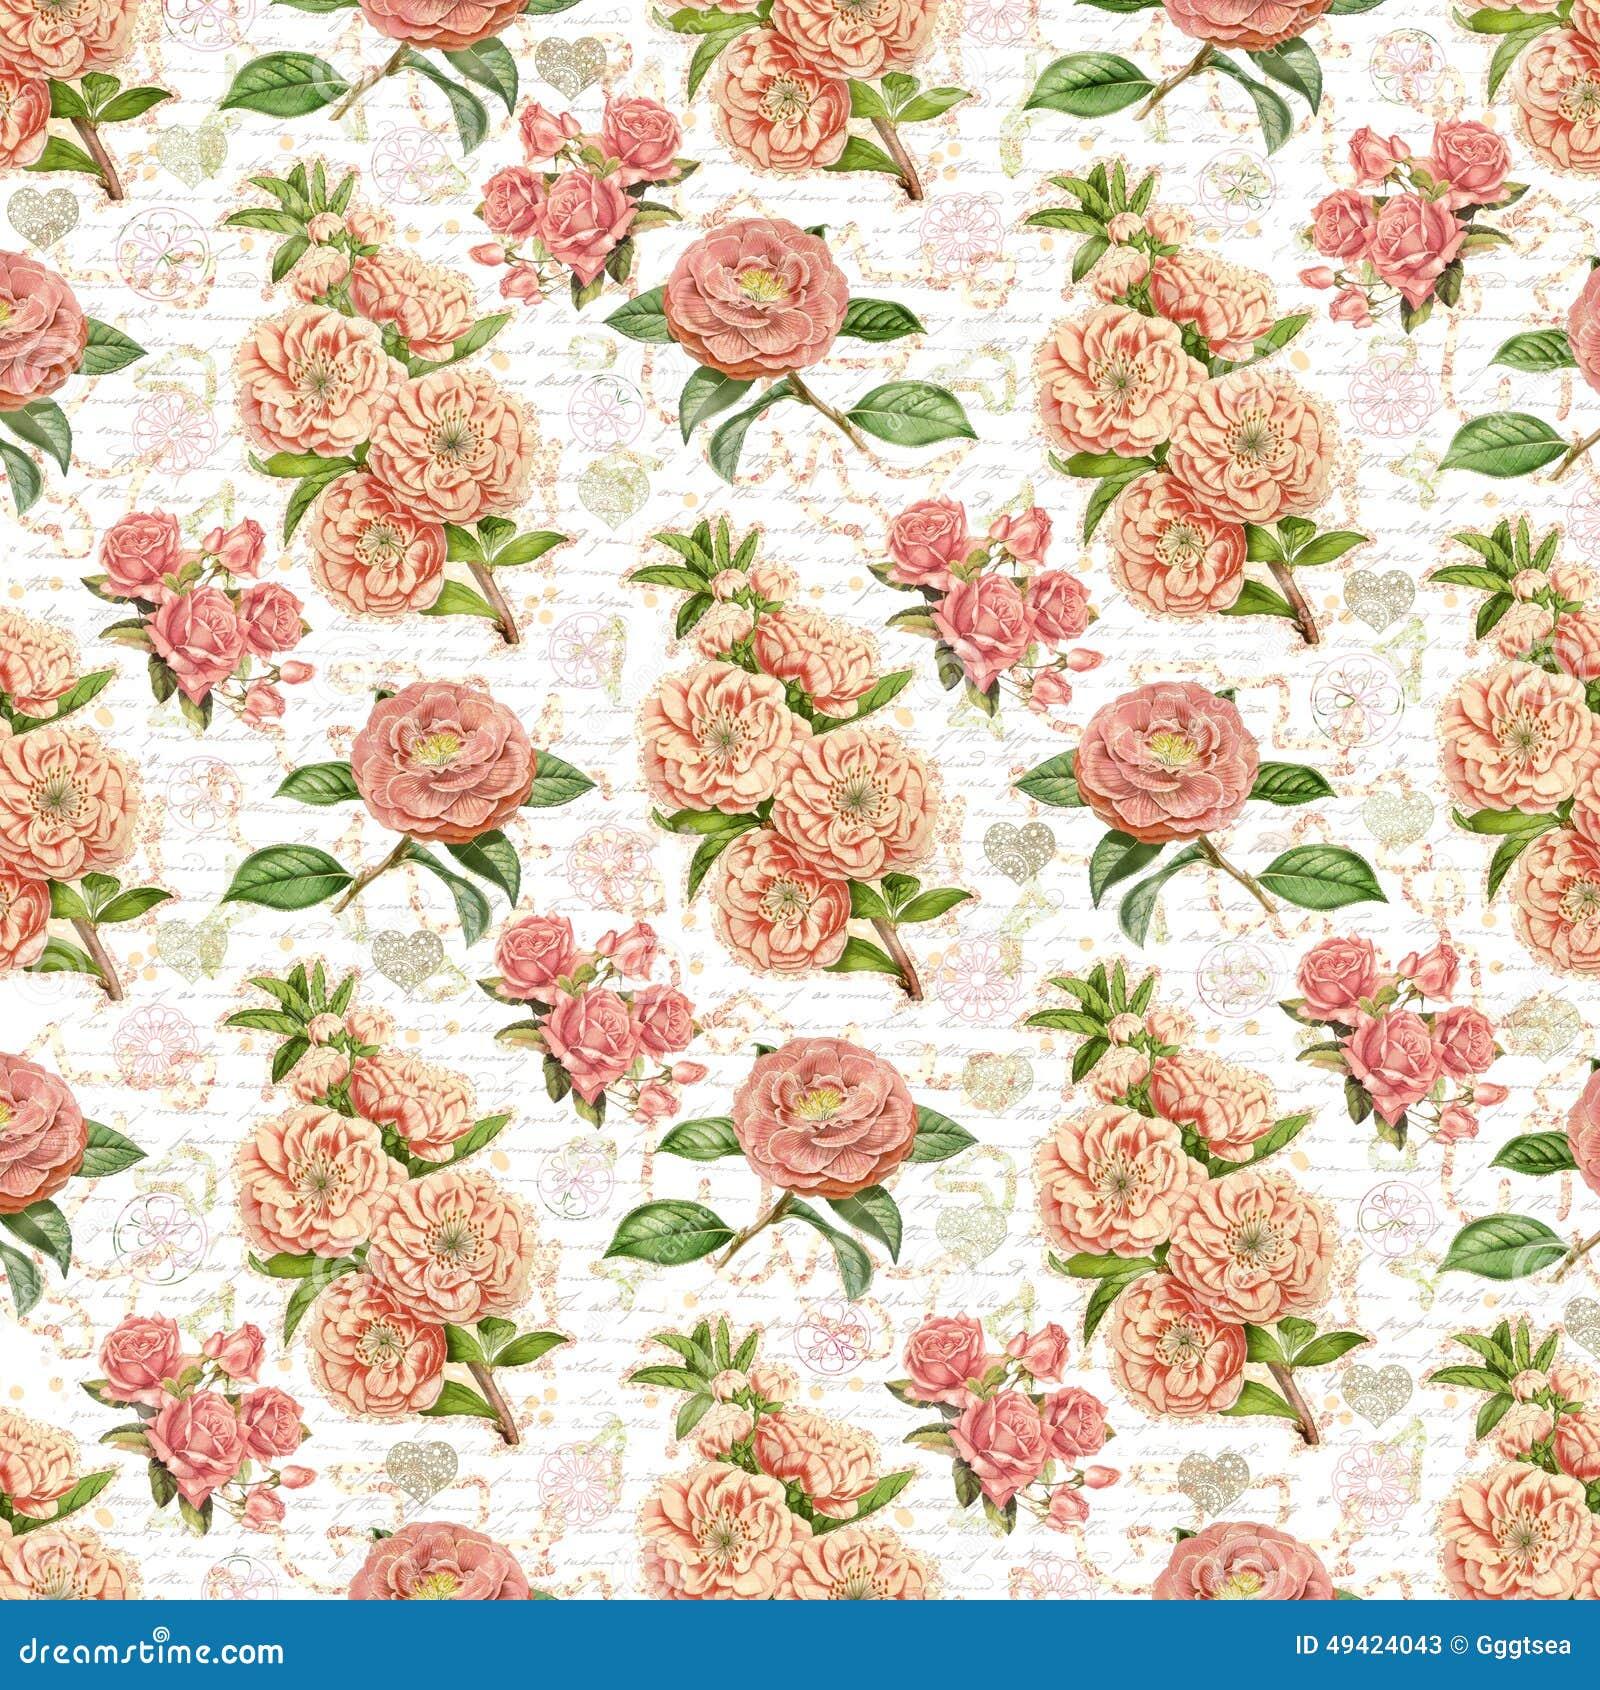 Antique Vintage Floral Wallpaper Background